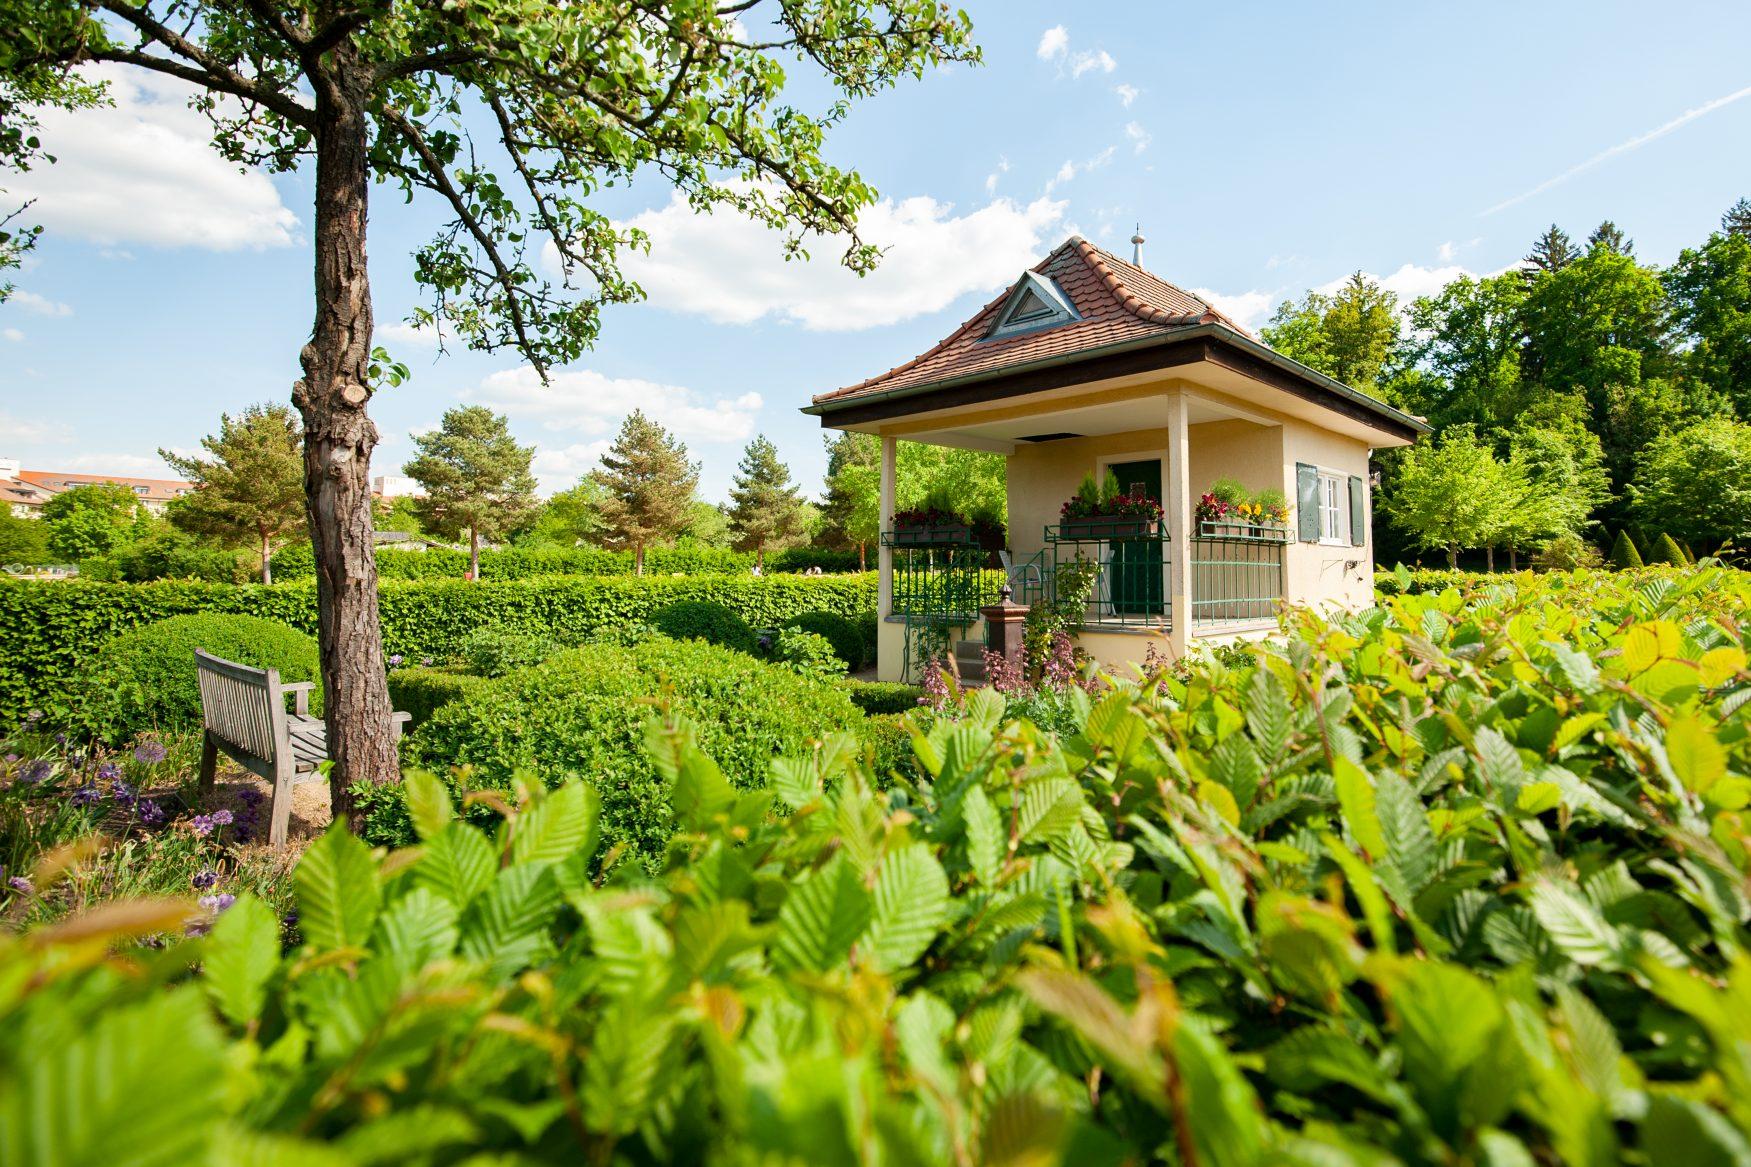 Stadtgarten von Roth Foto: Stadt Roth - Tourist-Information